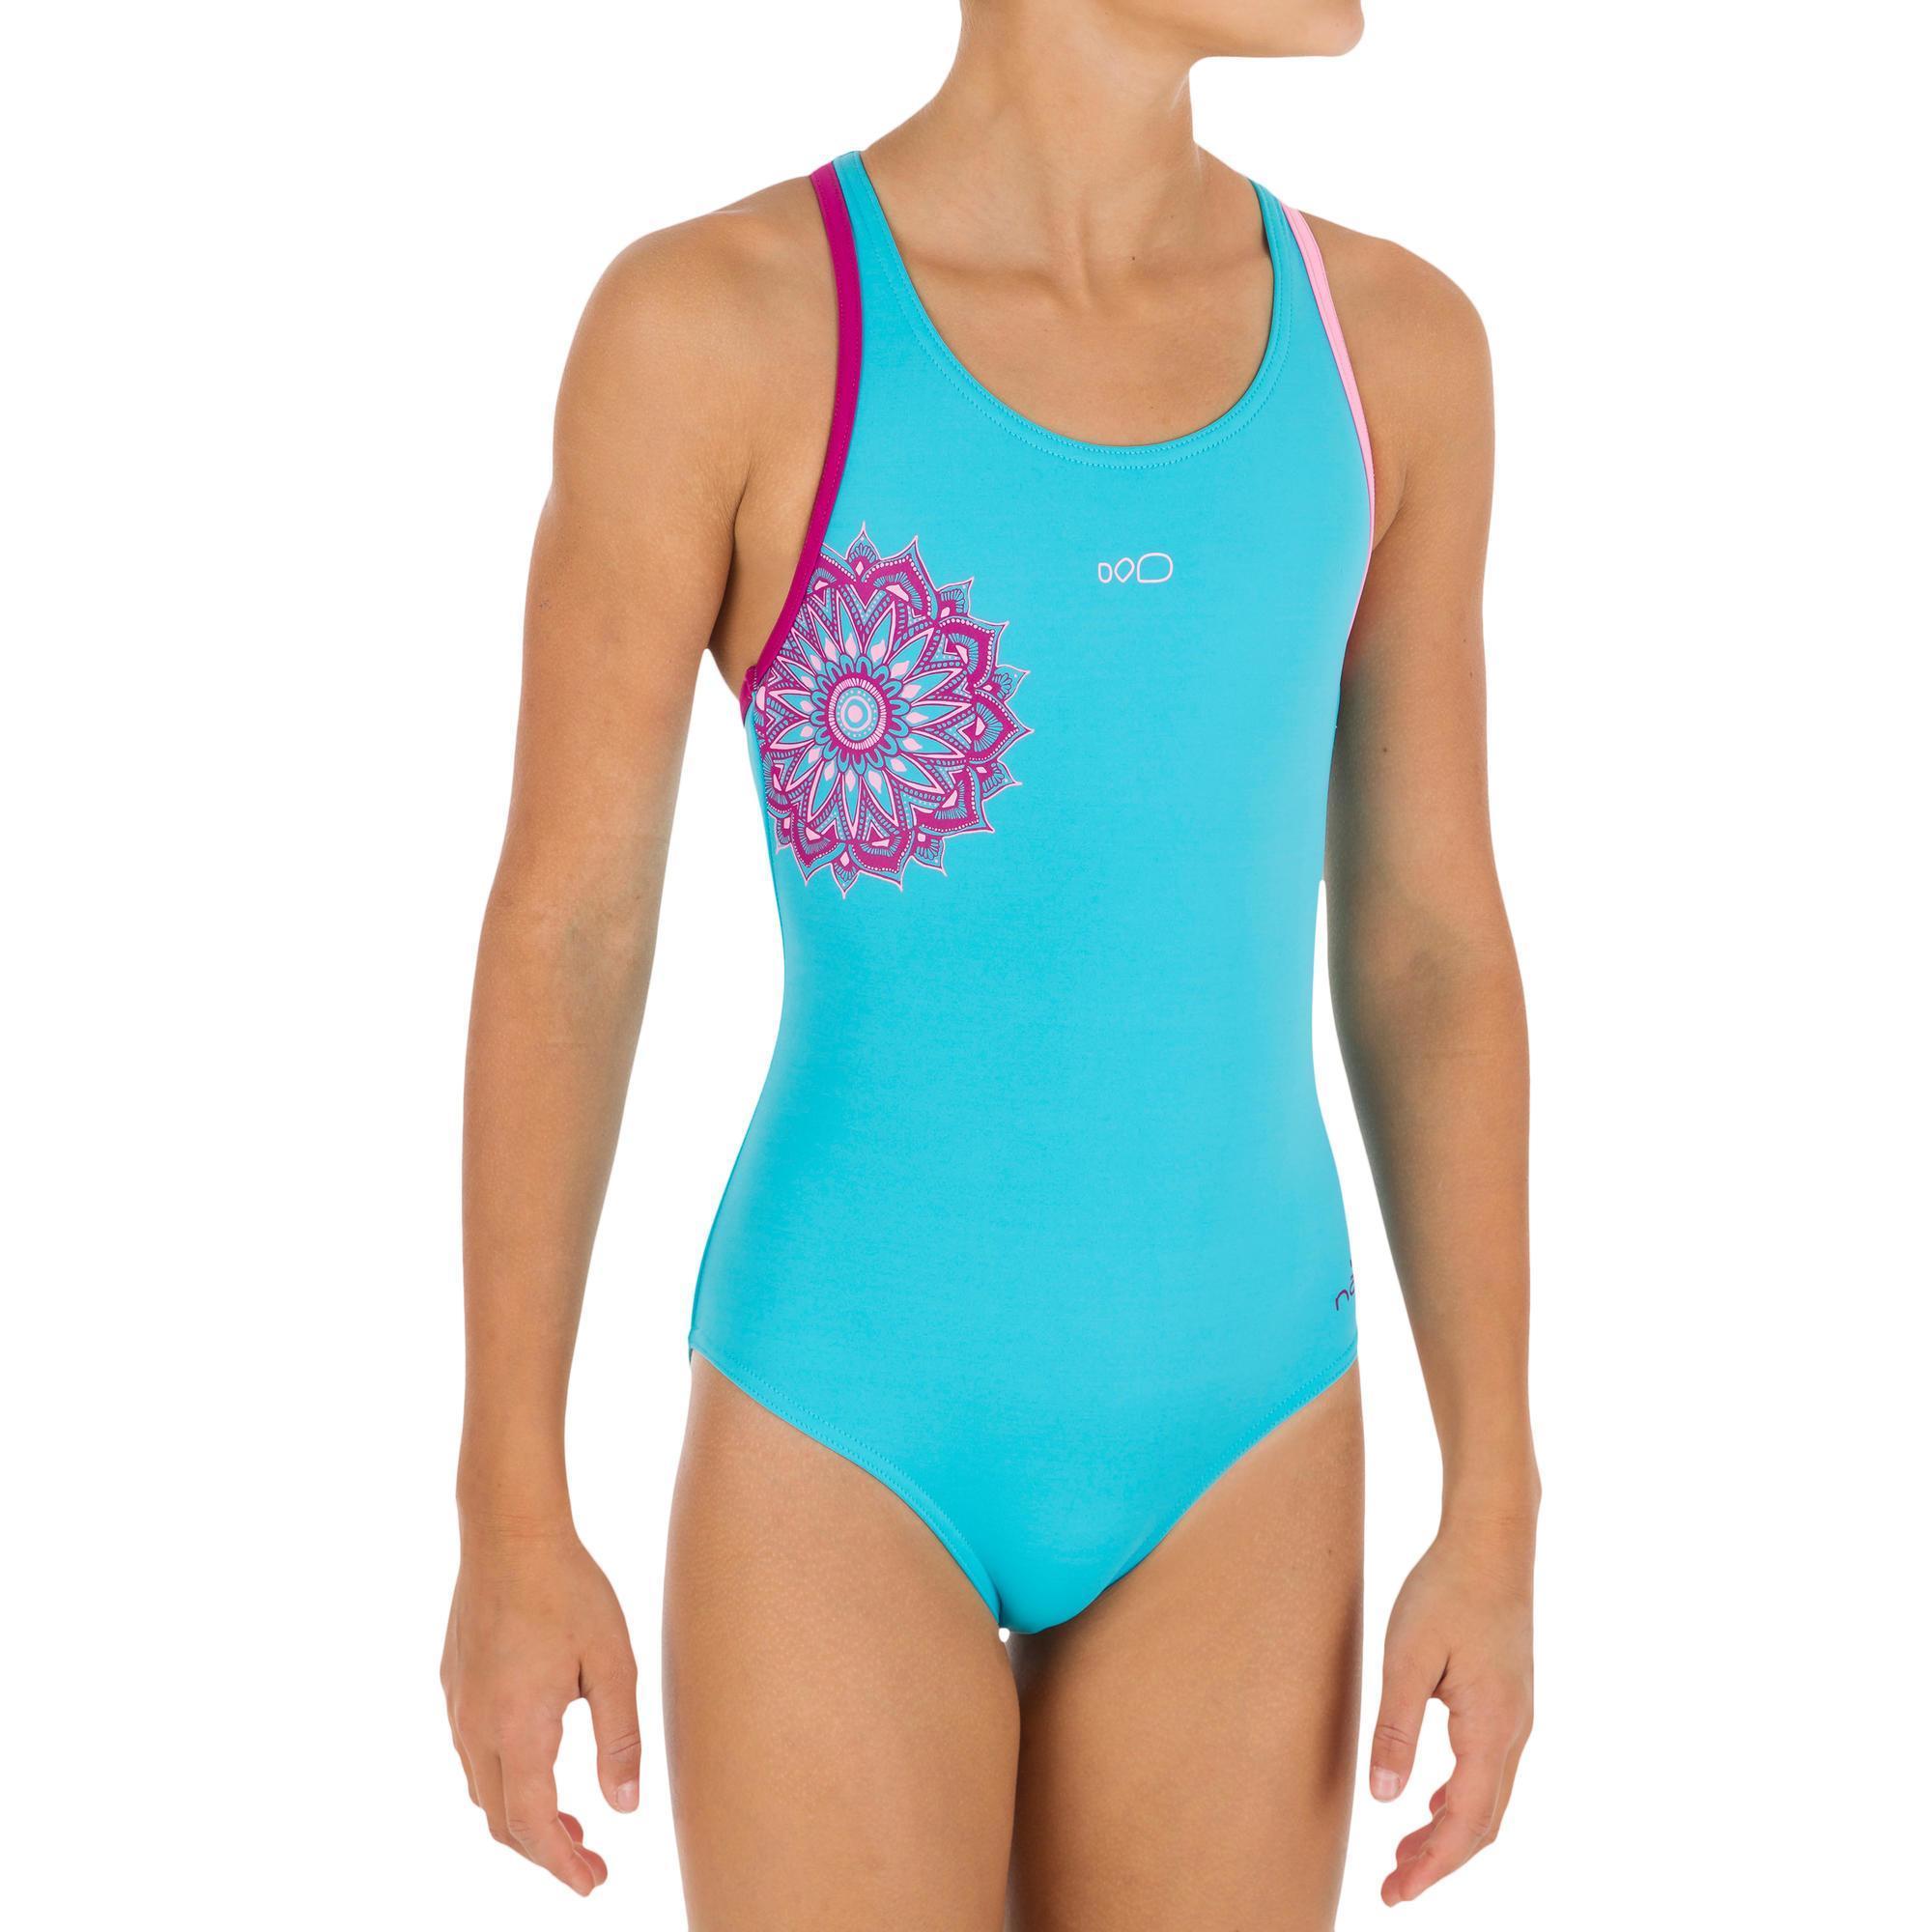 Bon Swimwear